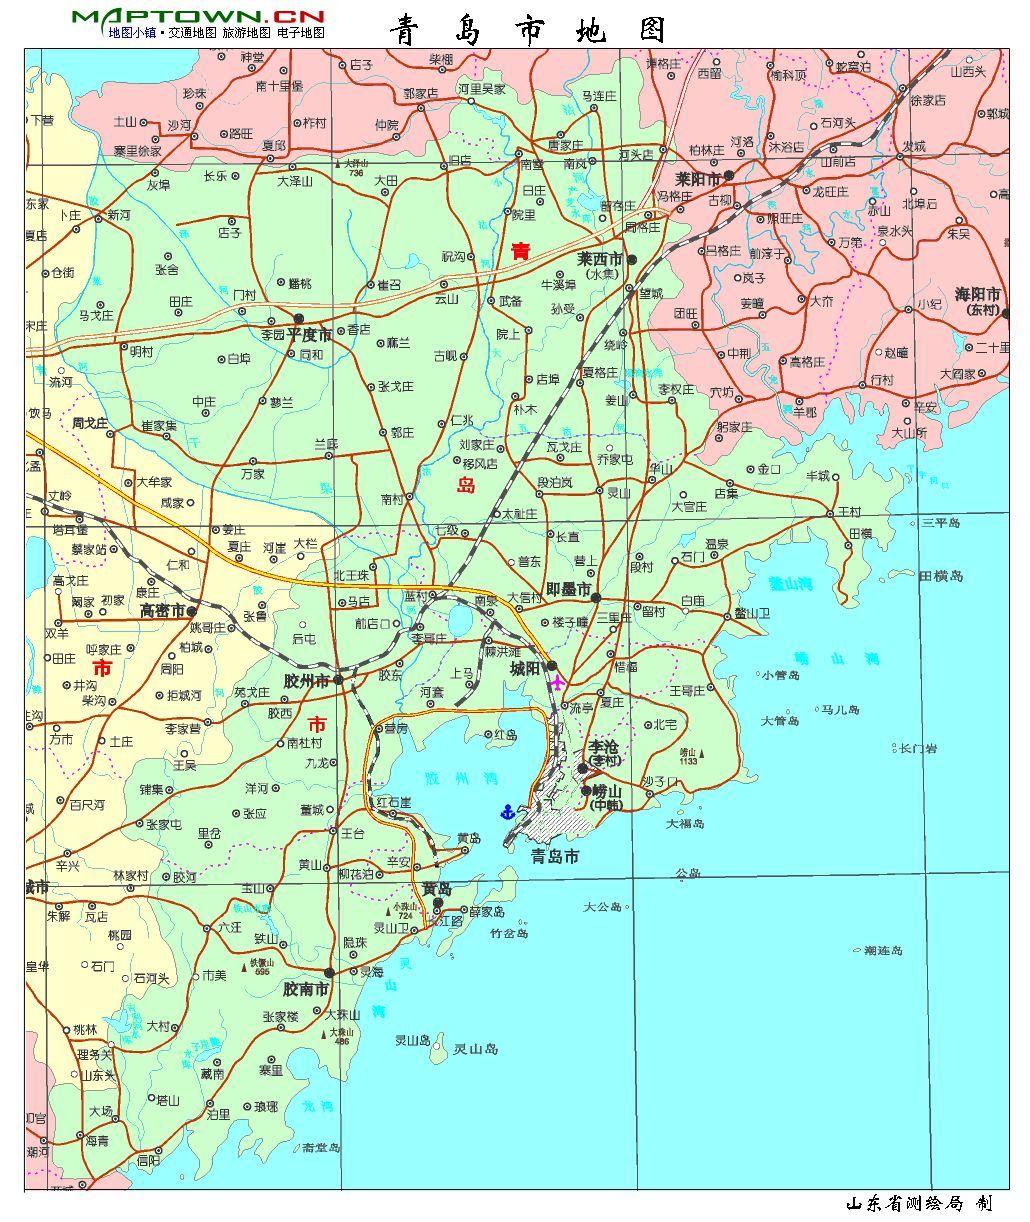 青岛为海滨丘陵城市,地势东高西低,南北两侧隆起,中间低凹,其中山地约